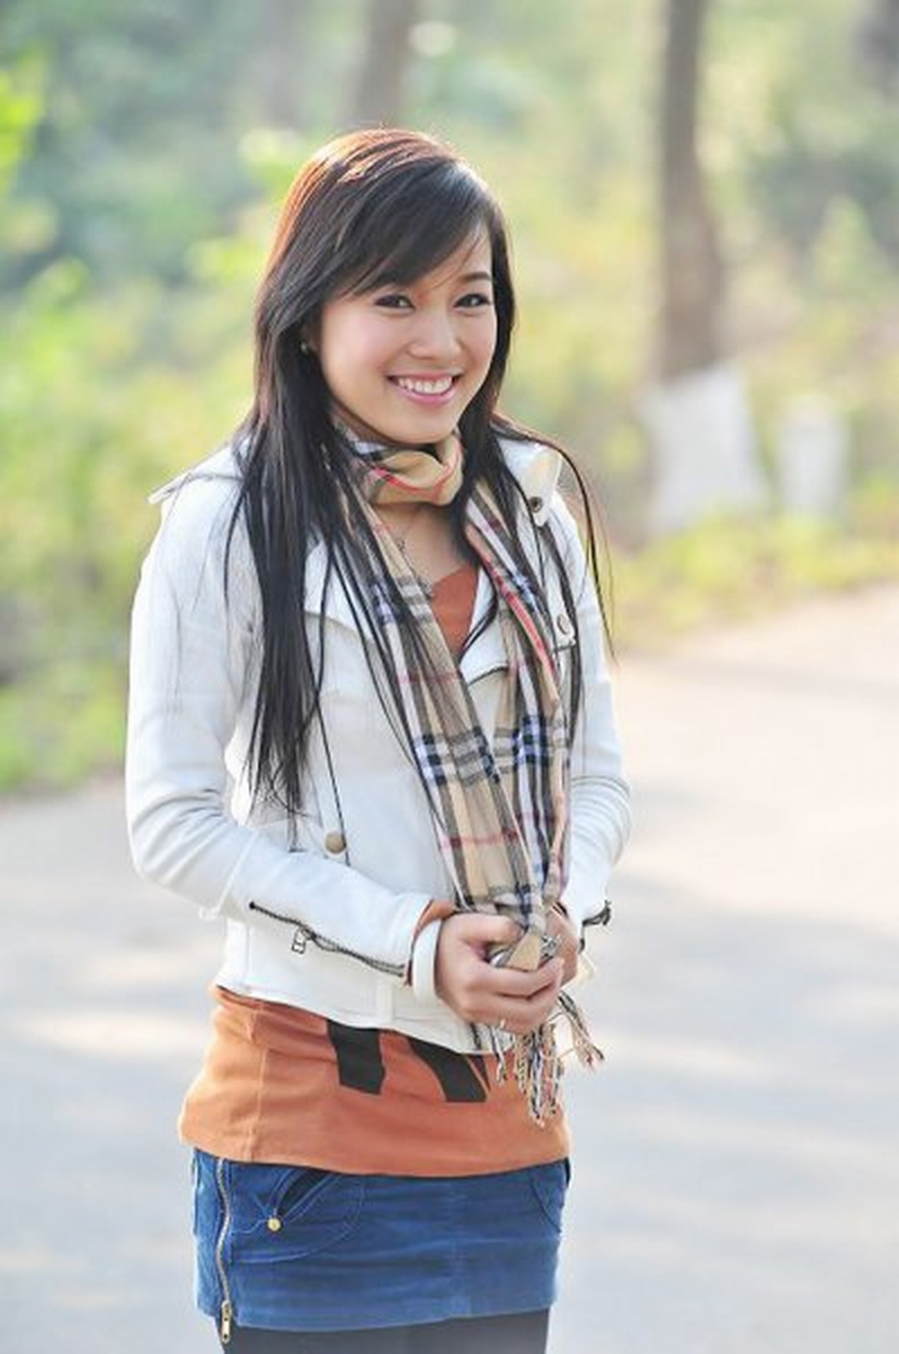 Diễn viên Minh Hương thời đảm nhận vai diễn Vàng Anh trong Nhật ký Vàng Anh